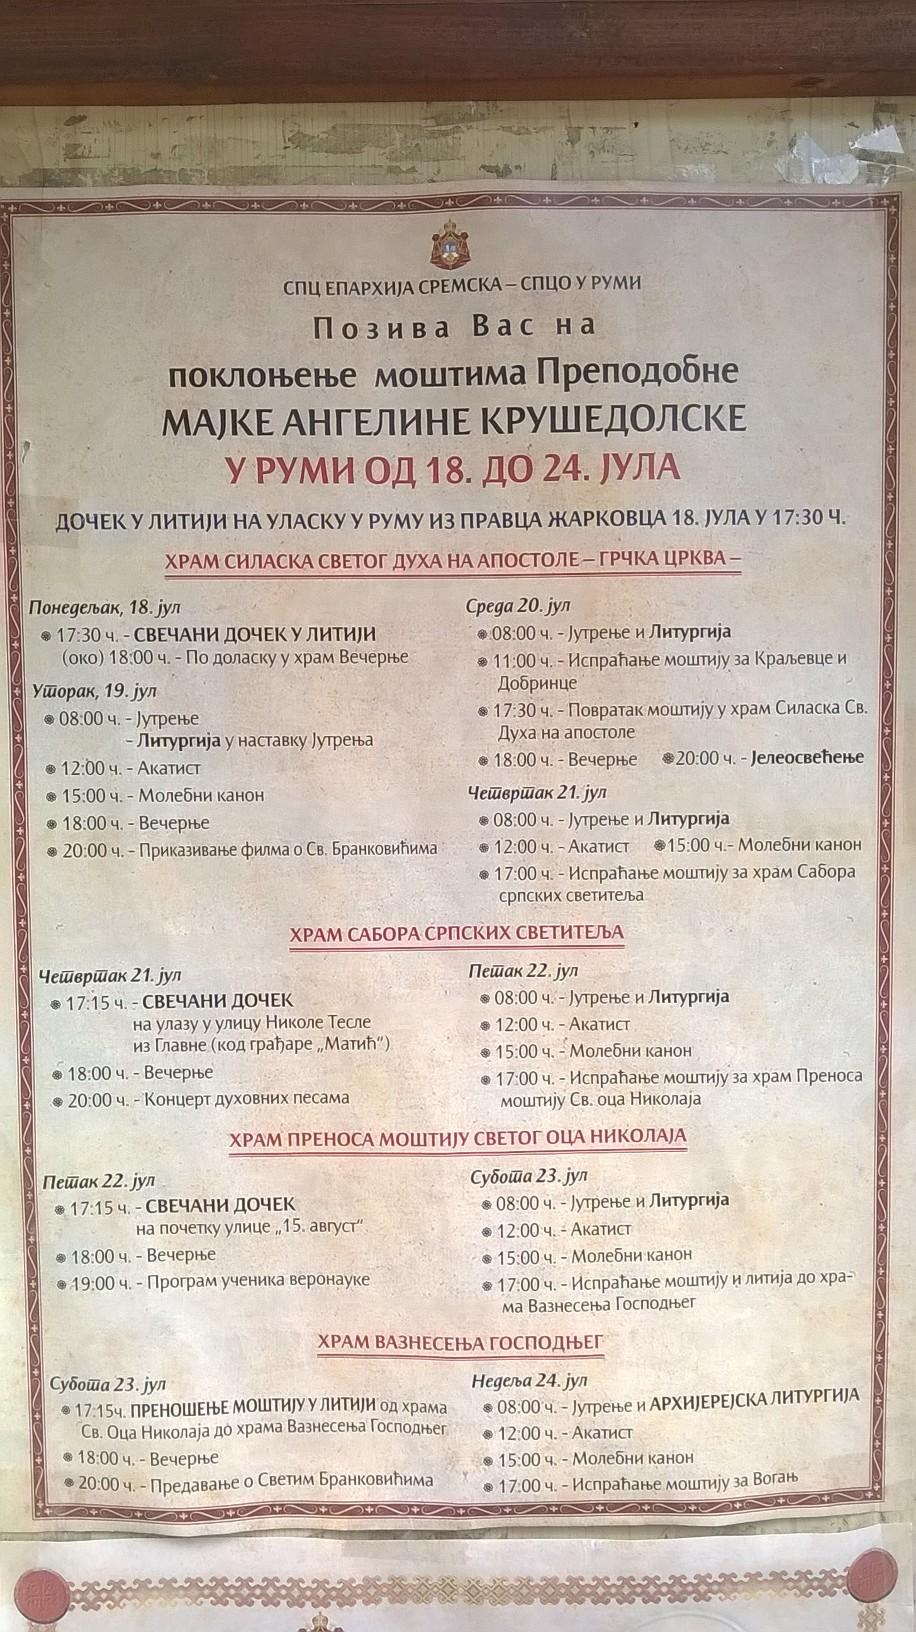 Мошти Мајке Ангелине у румским храмовима, распоред богослужења